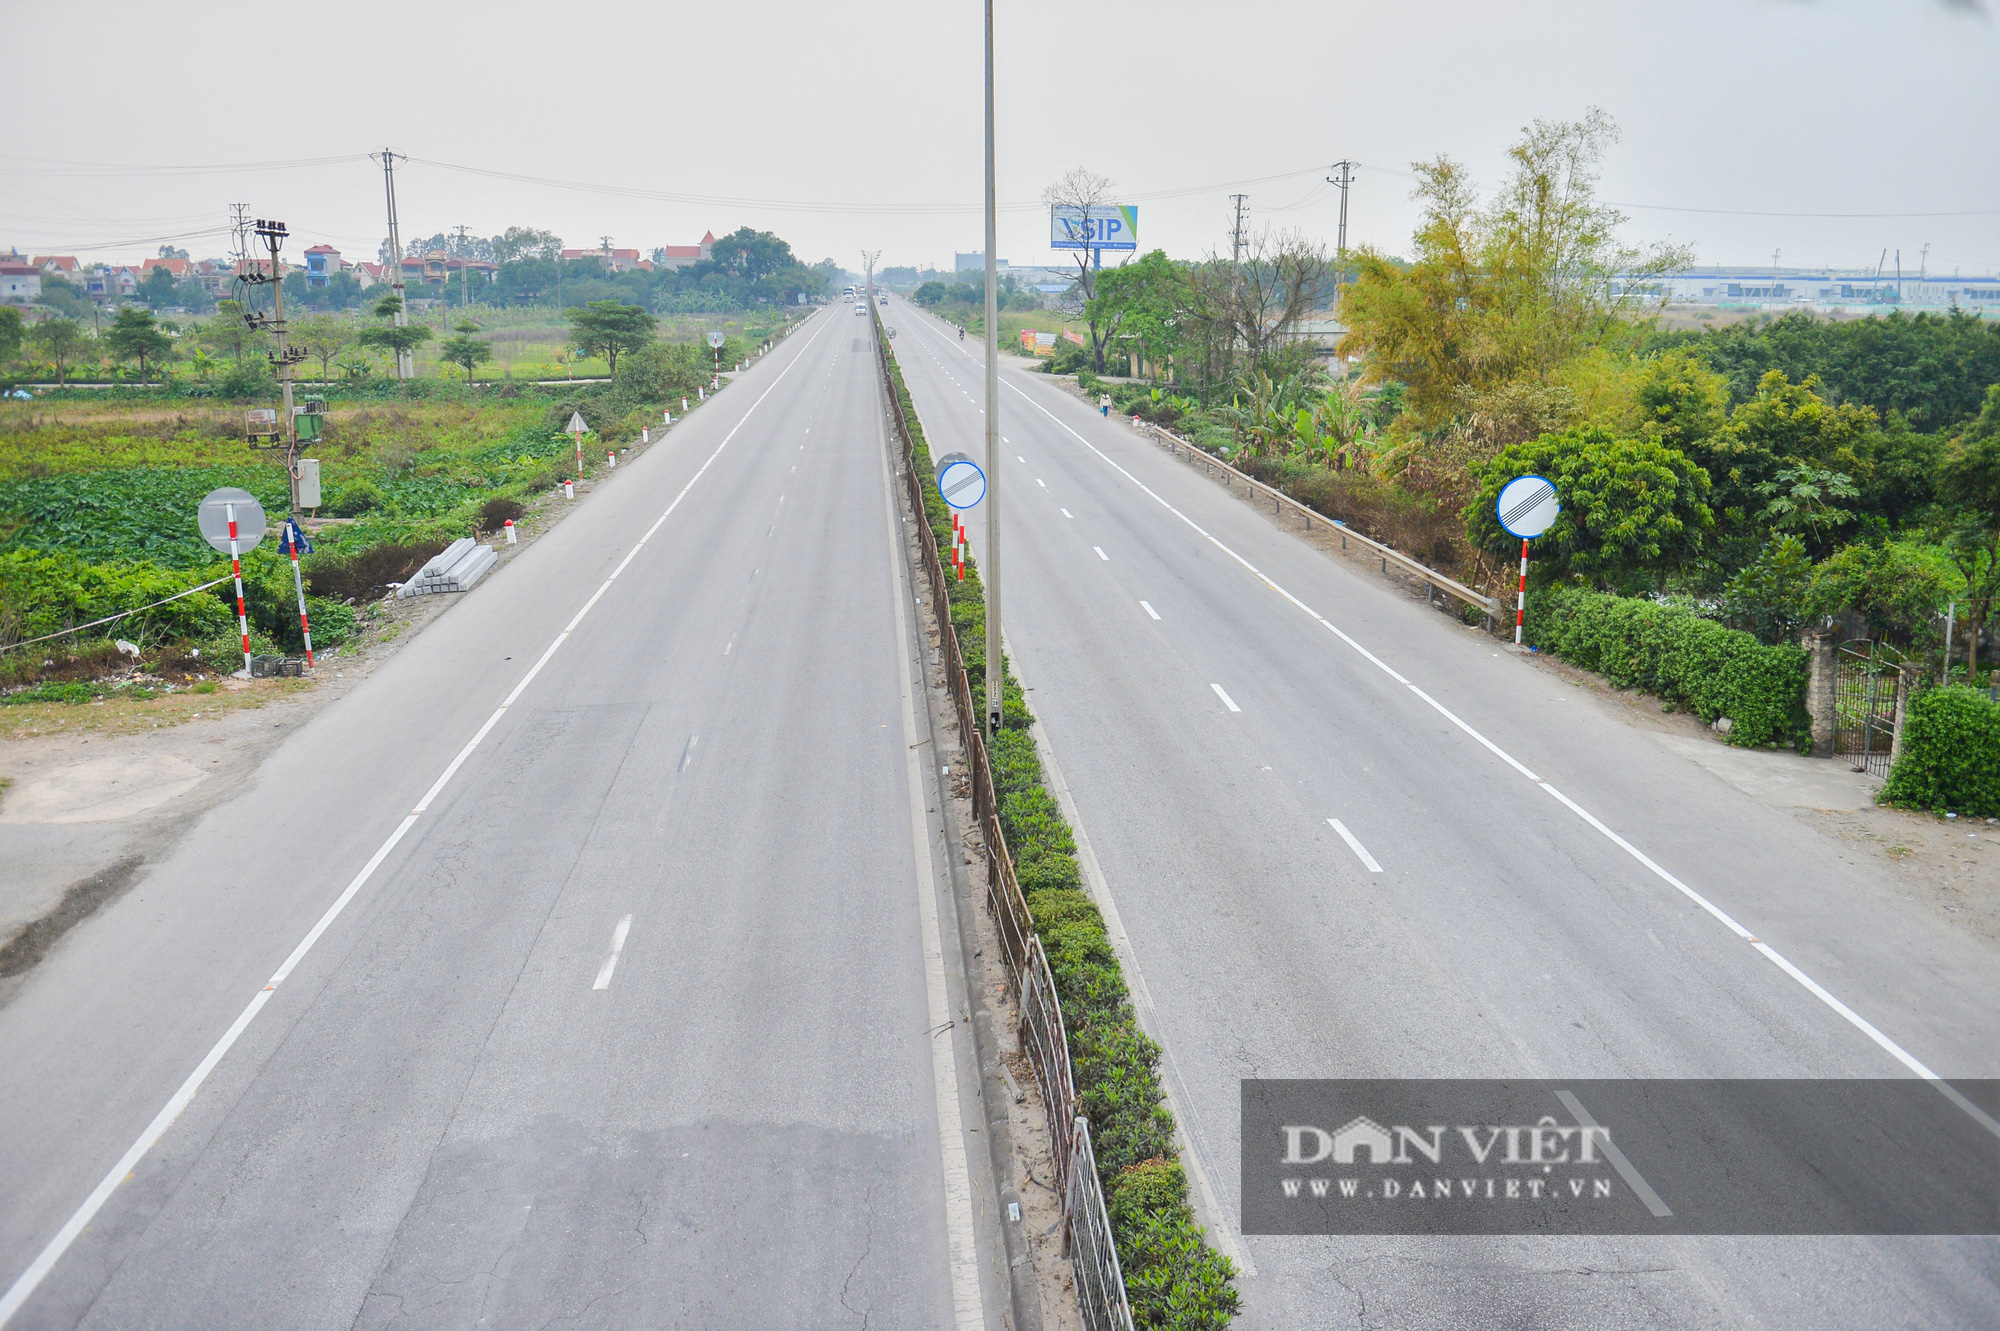 Giữa mùa dịch Covid-19, quốc lộ 5A vắng lặng khác hẳn ngày thường - Ảnh 2.